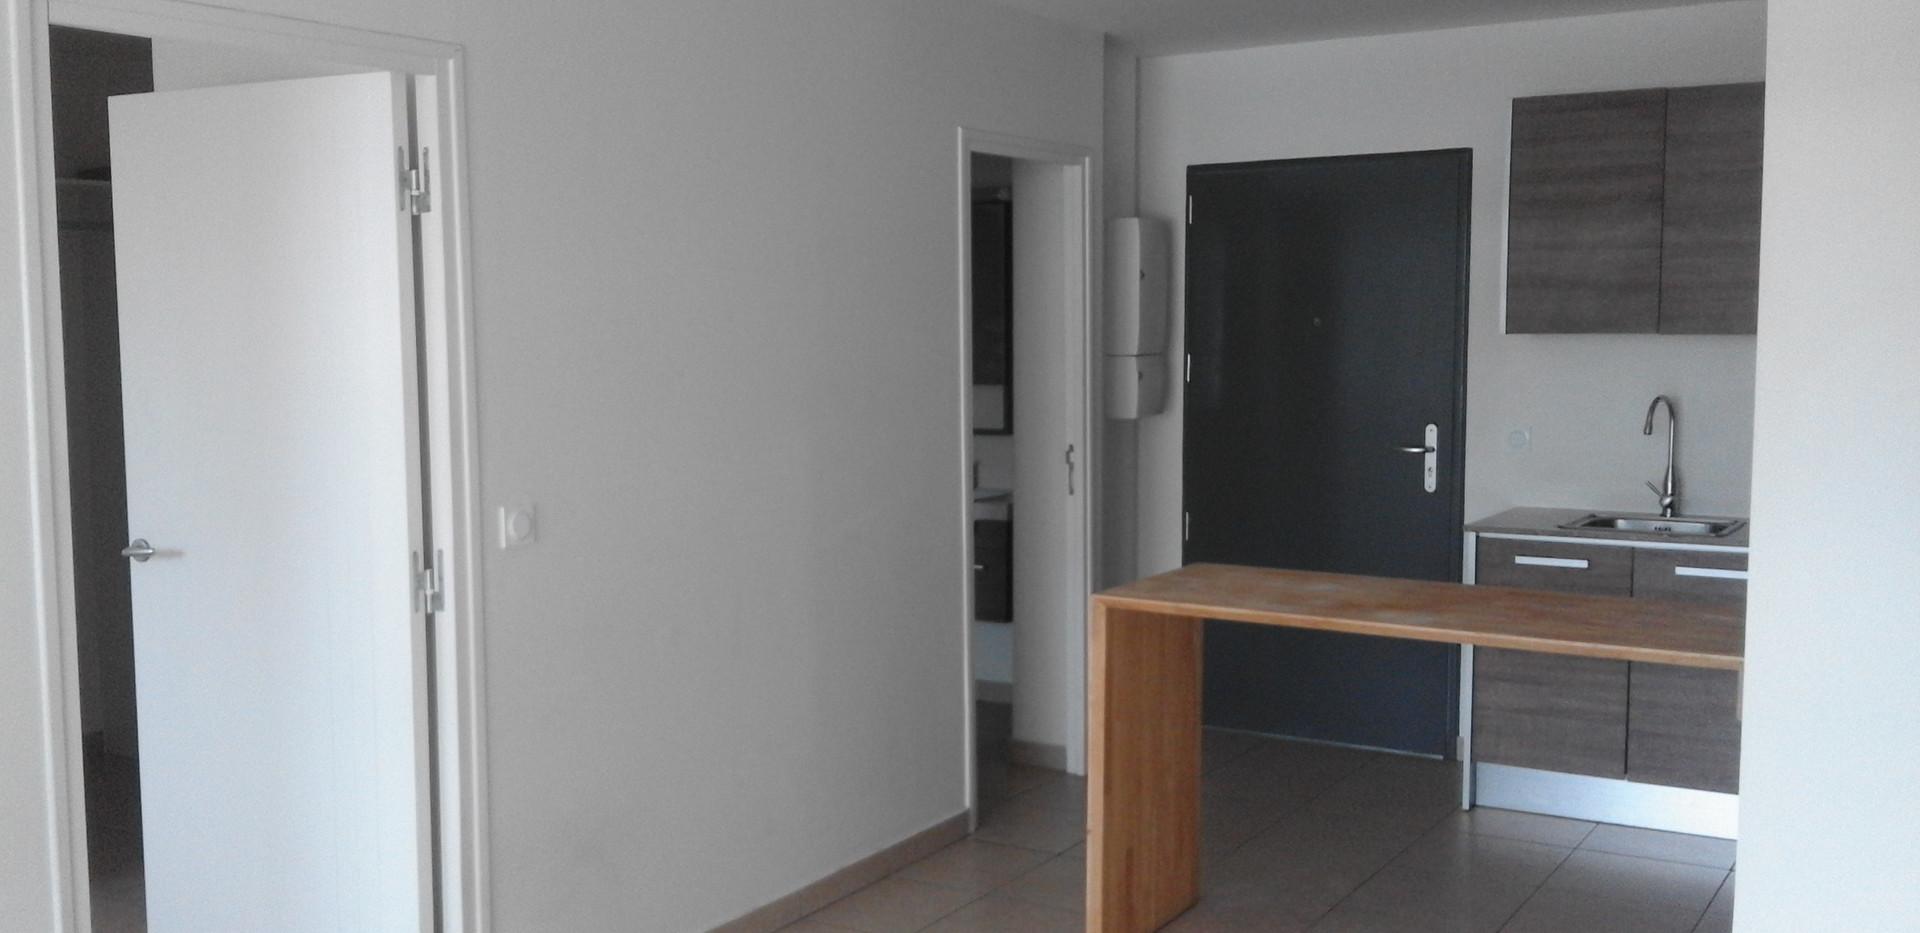 salon vers cuisine et chambre.jpg